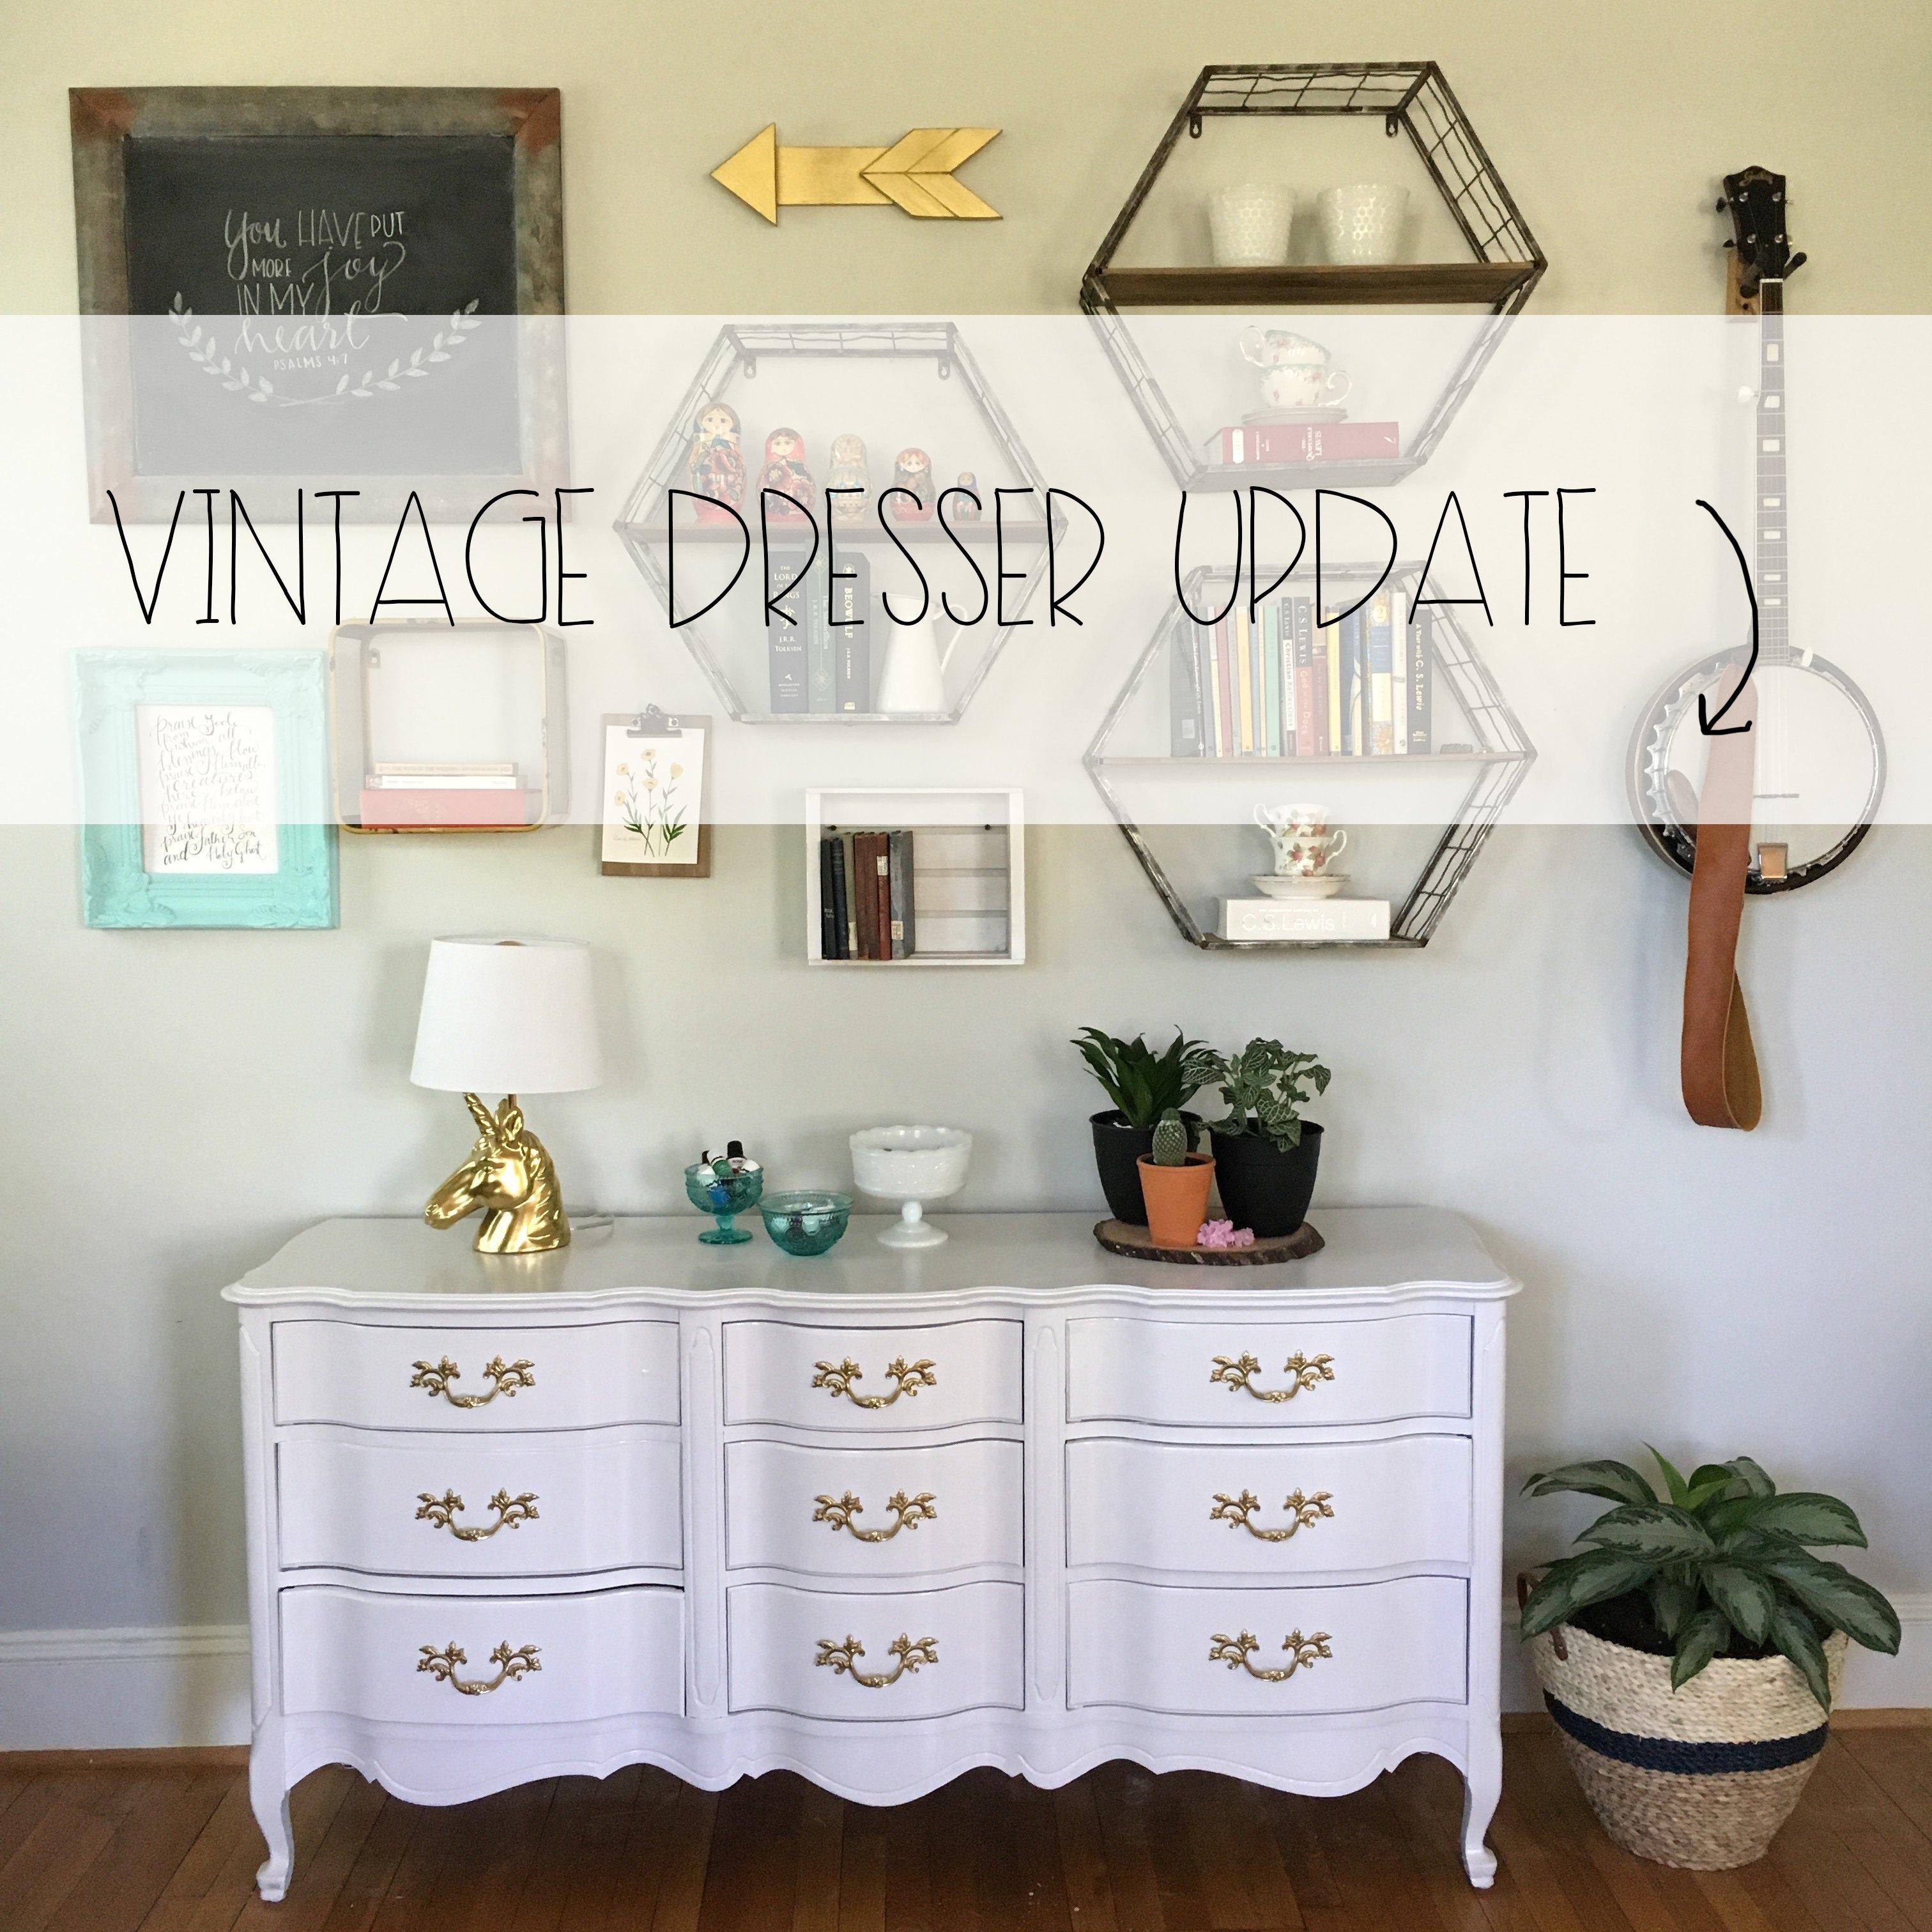 Vintage Dresser Update featured